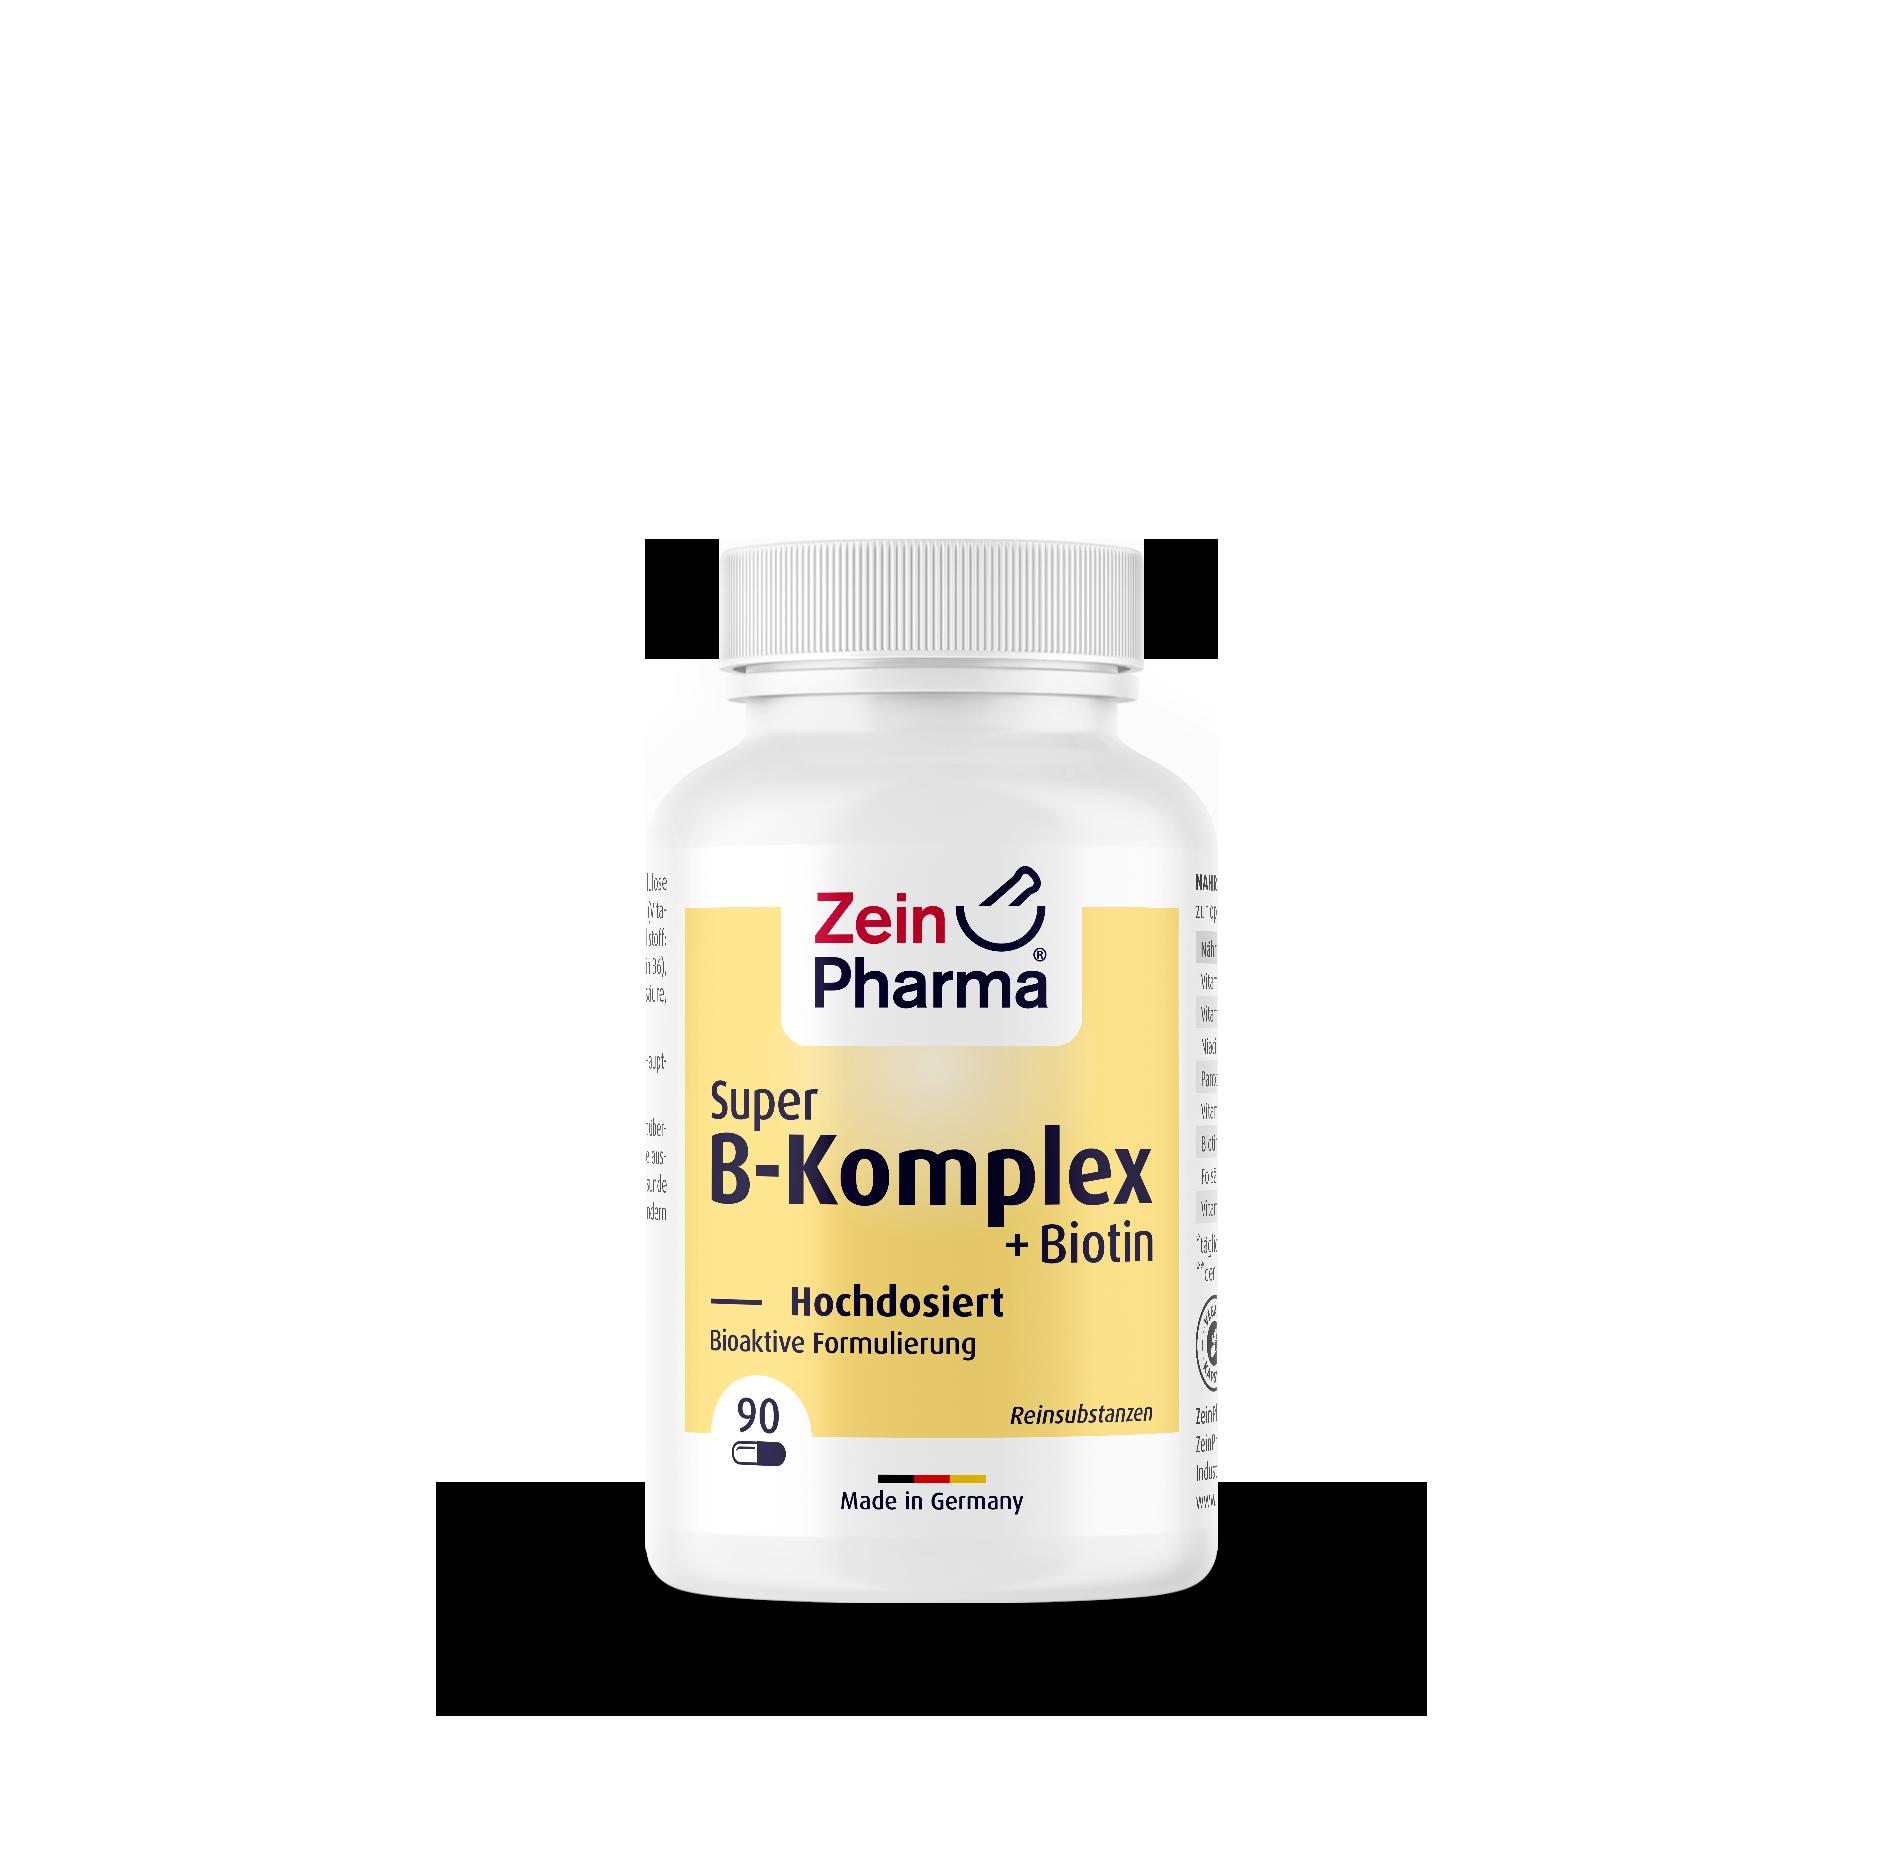 Super B Komplex + Biotin